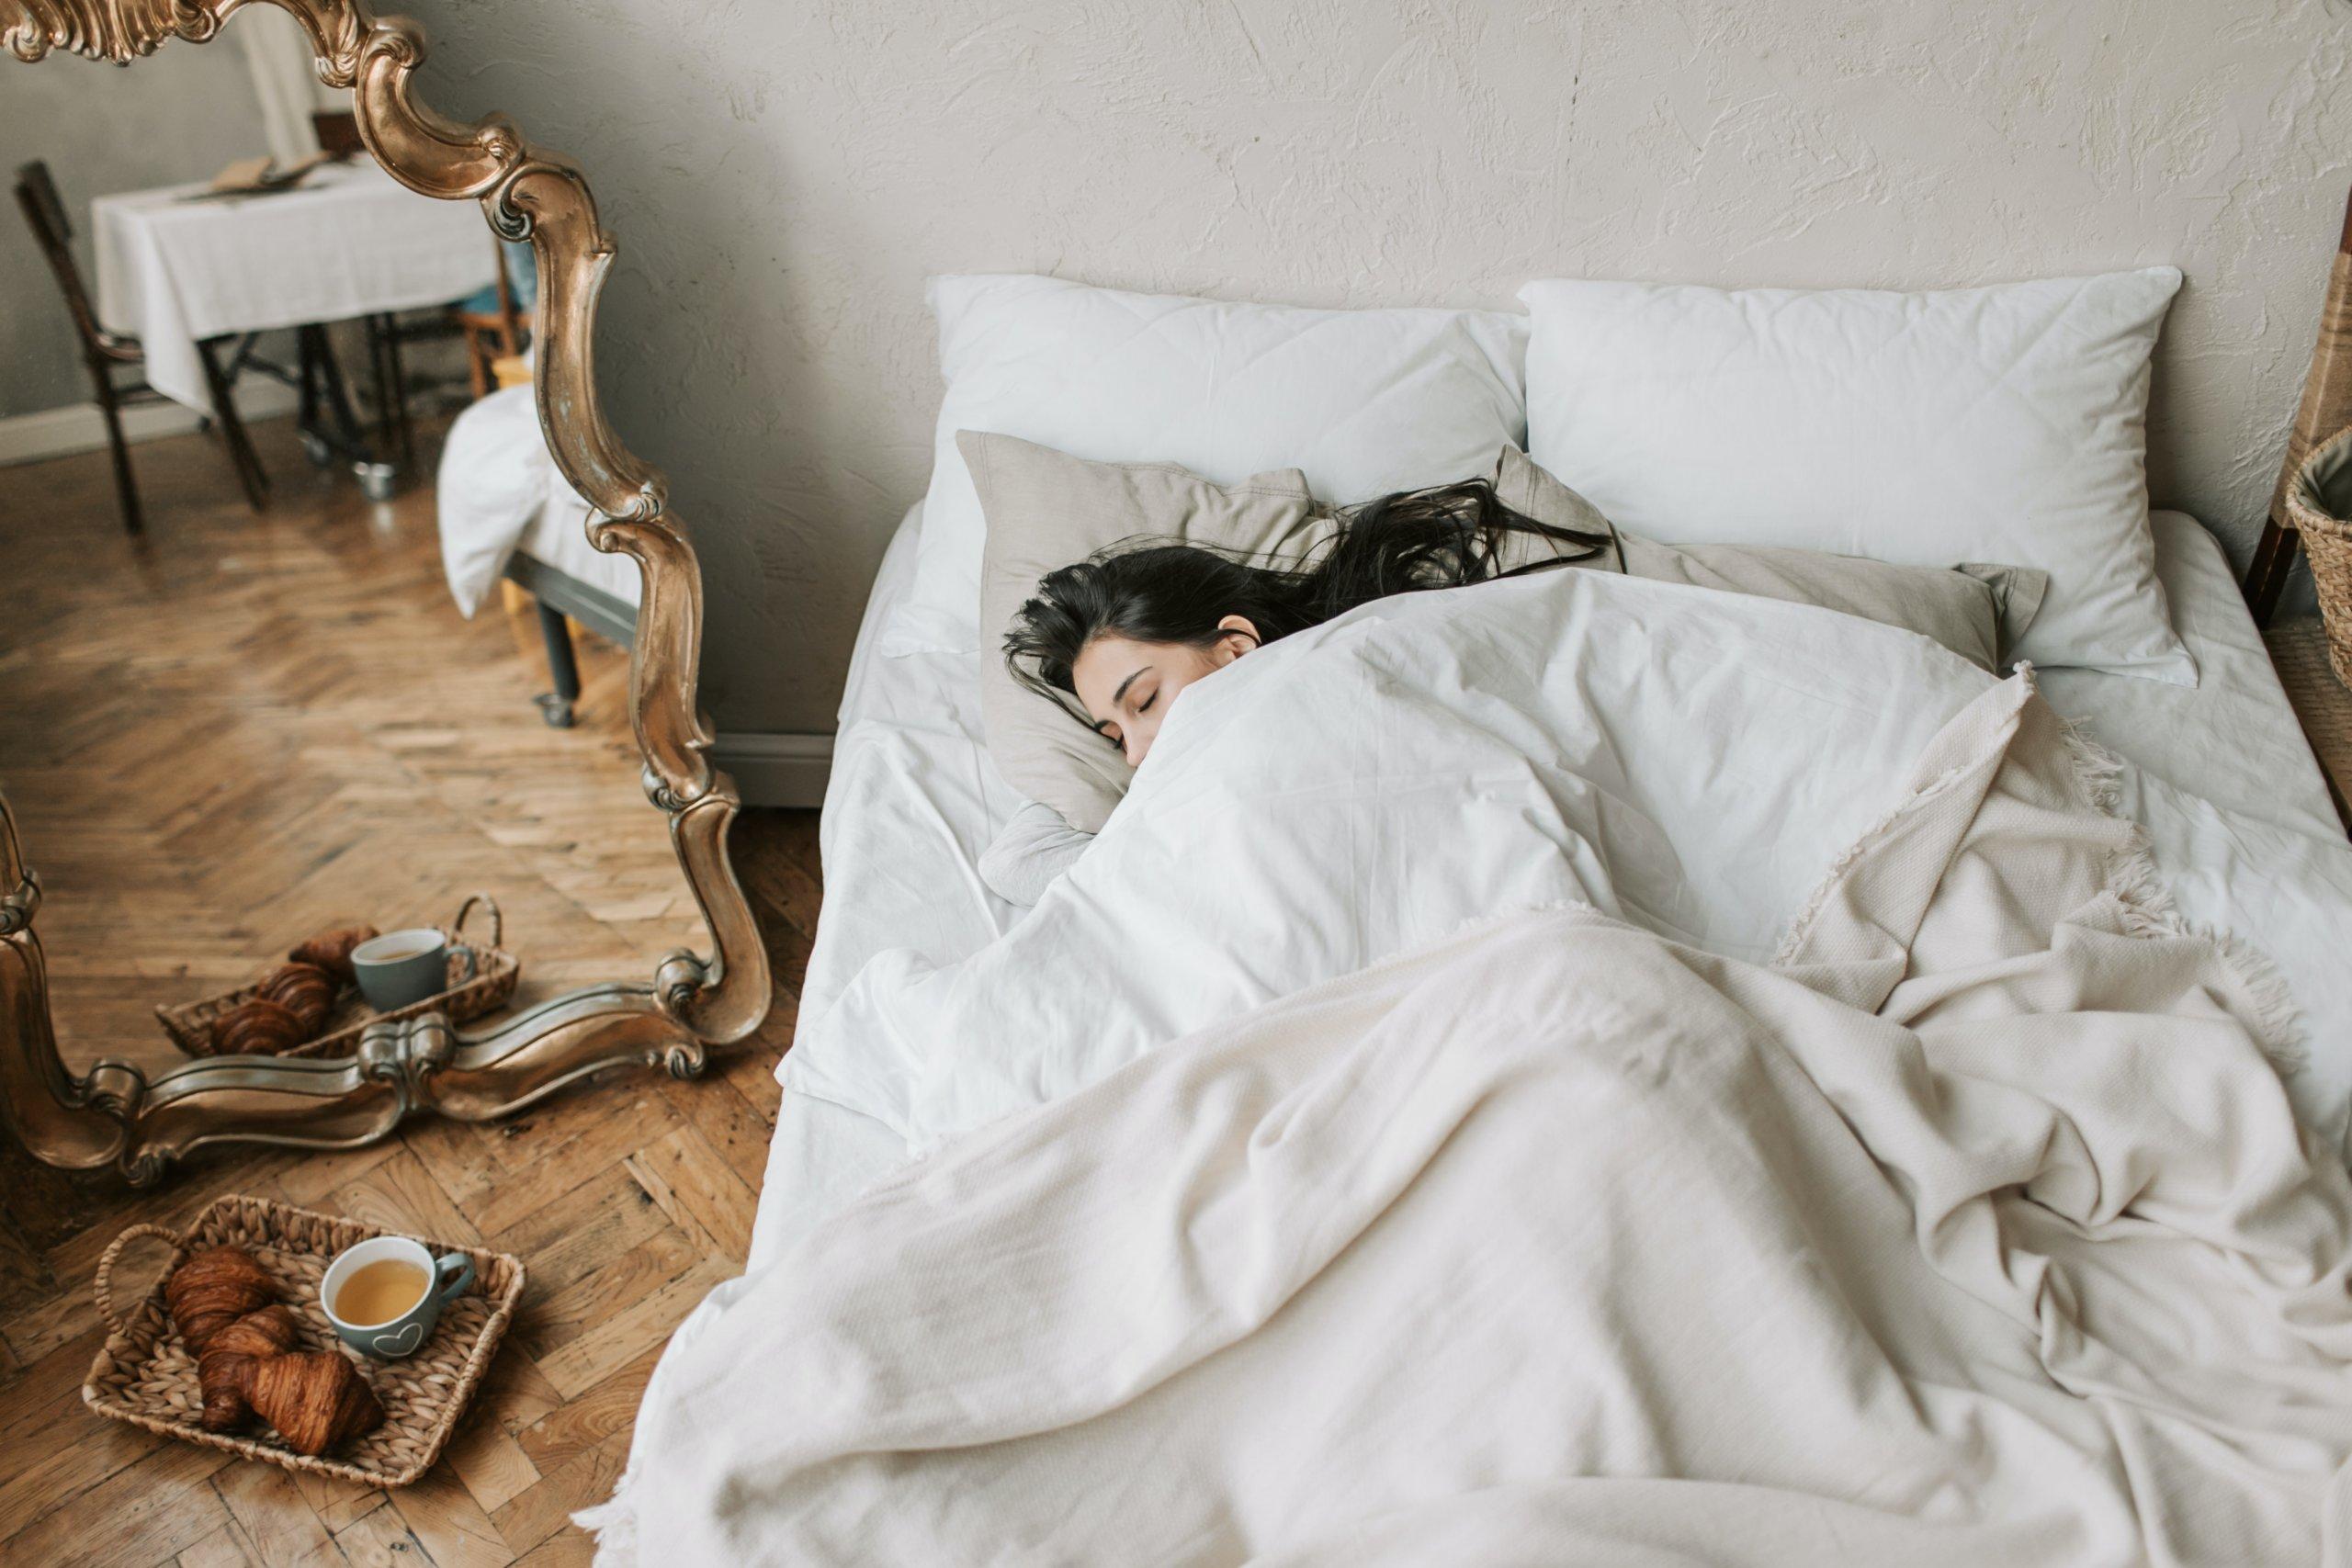 Iako ste spavali, niste se probudili odmorni? Donosimo nekoliko savjeta kako poboljšati kvalitetu sna